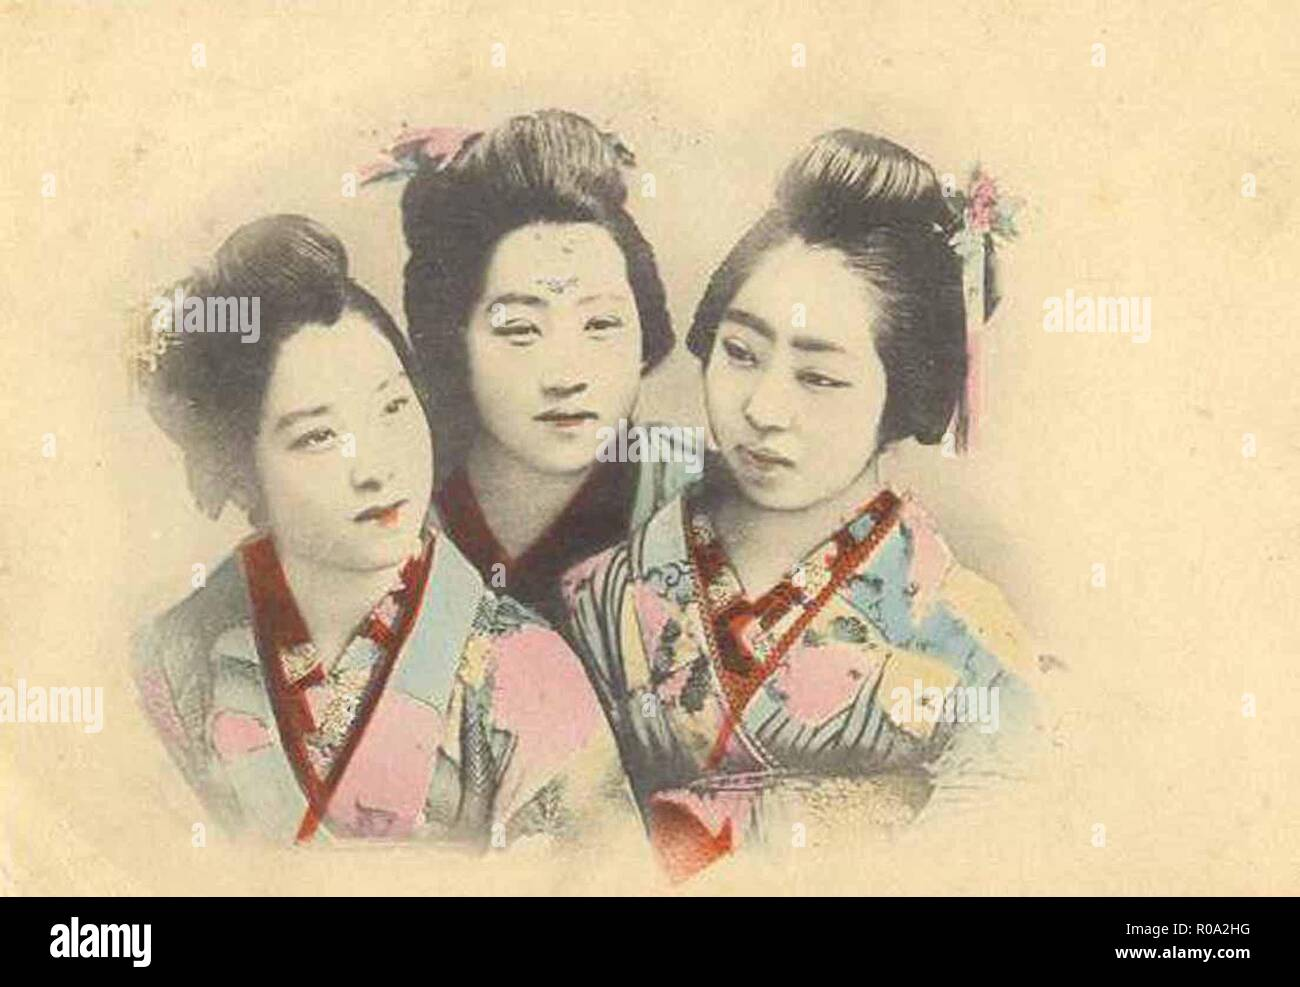 Vintage Chinese Lifestyle Illustration Stock Photo 223956364 Alamy